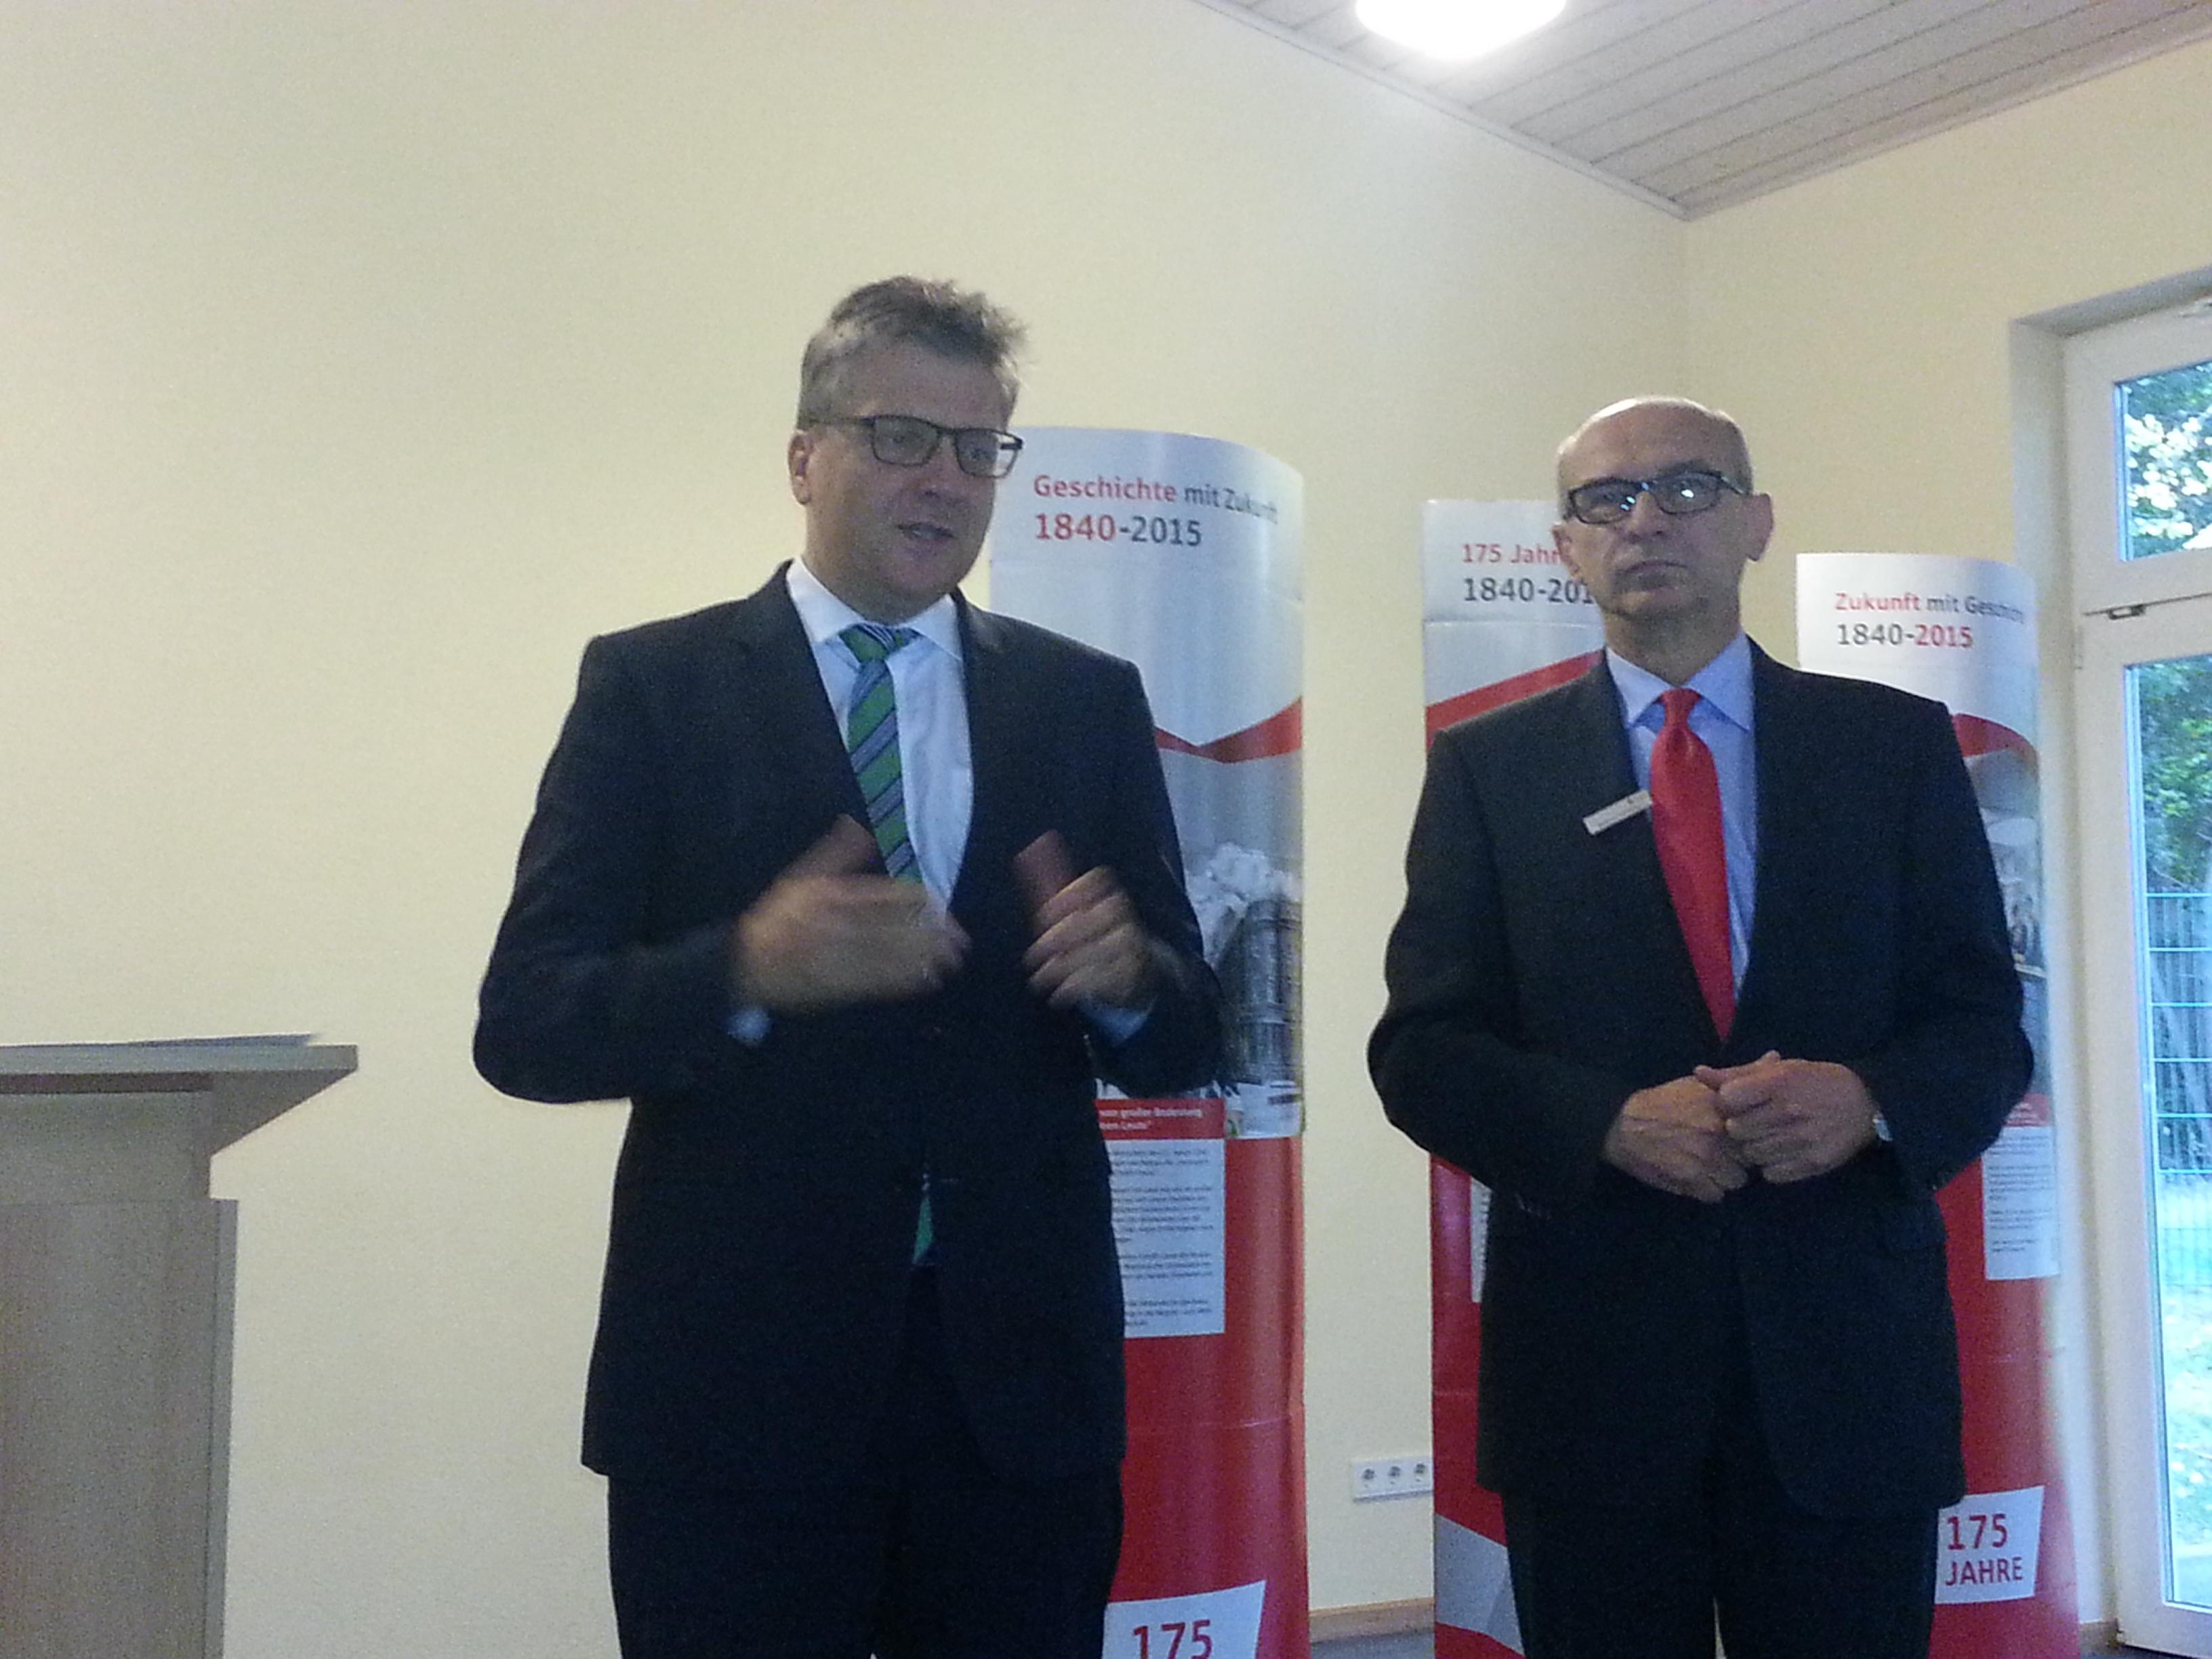 Landrat Ulrich Krebs und Naspa Vorstandsmitglied Bertram Theilacker verteilen die Spenden an die erfolgreichen Vereine aus dem Hochtaunuskreis.